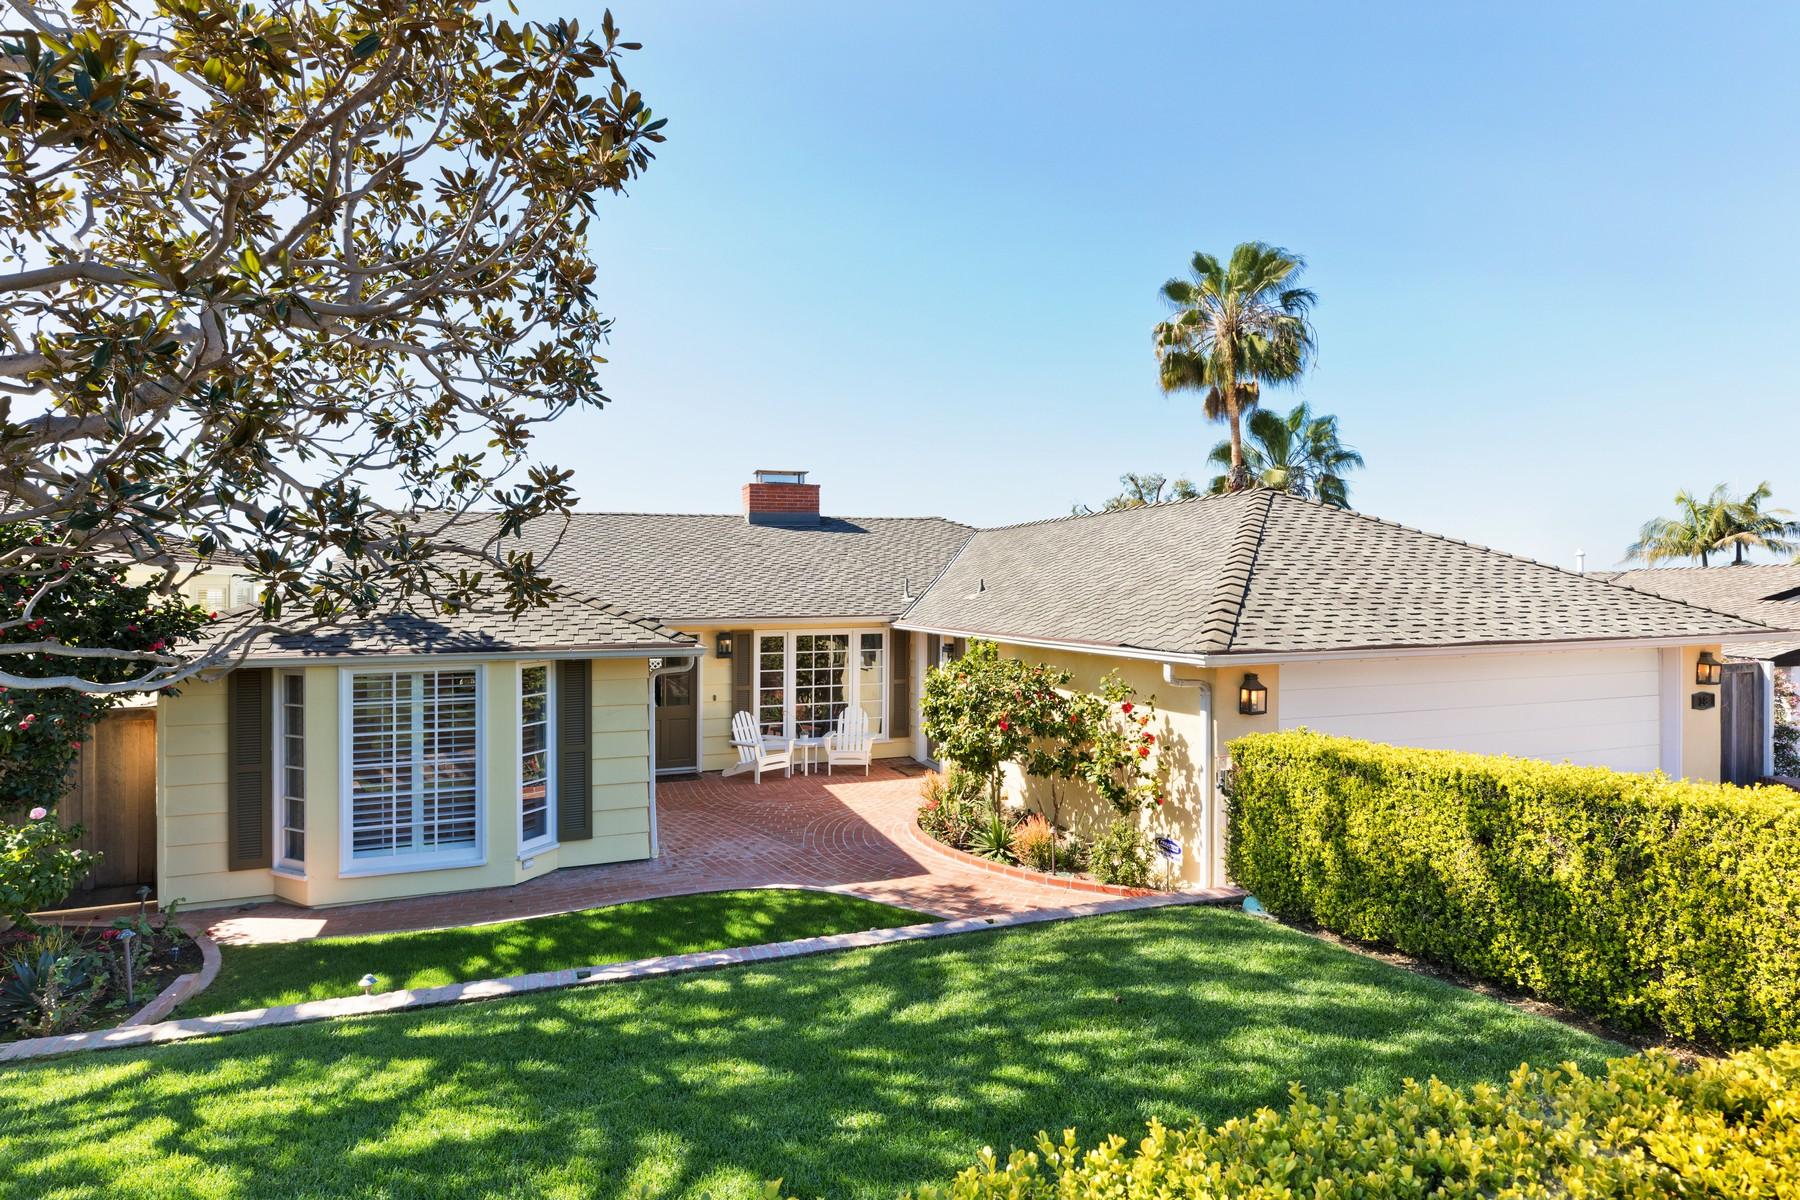 Maison unifamiliale pour l Vente à 18 N. Encino Laguna Beach, Californie, 92651 États-Unis